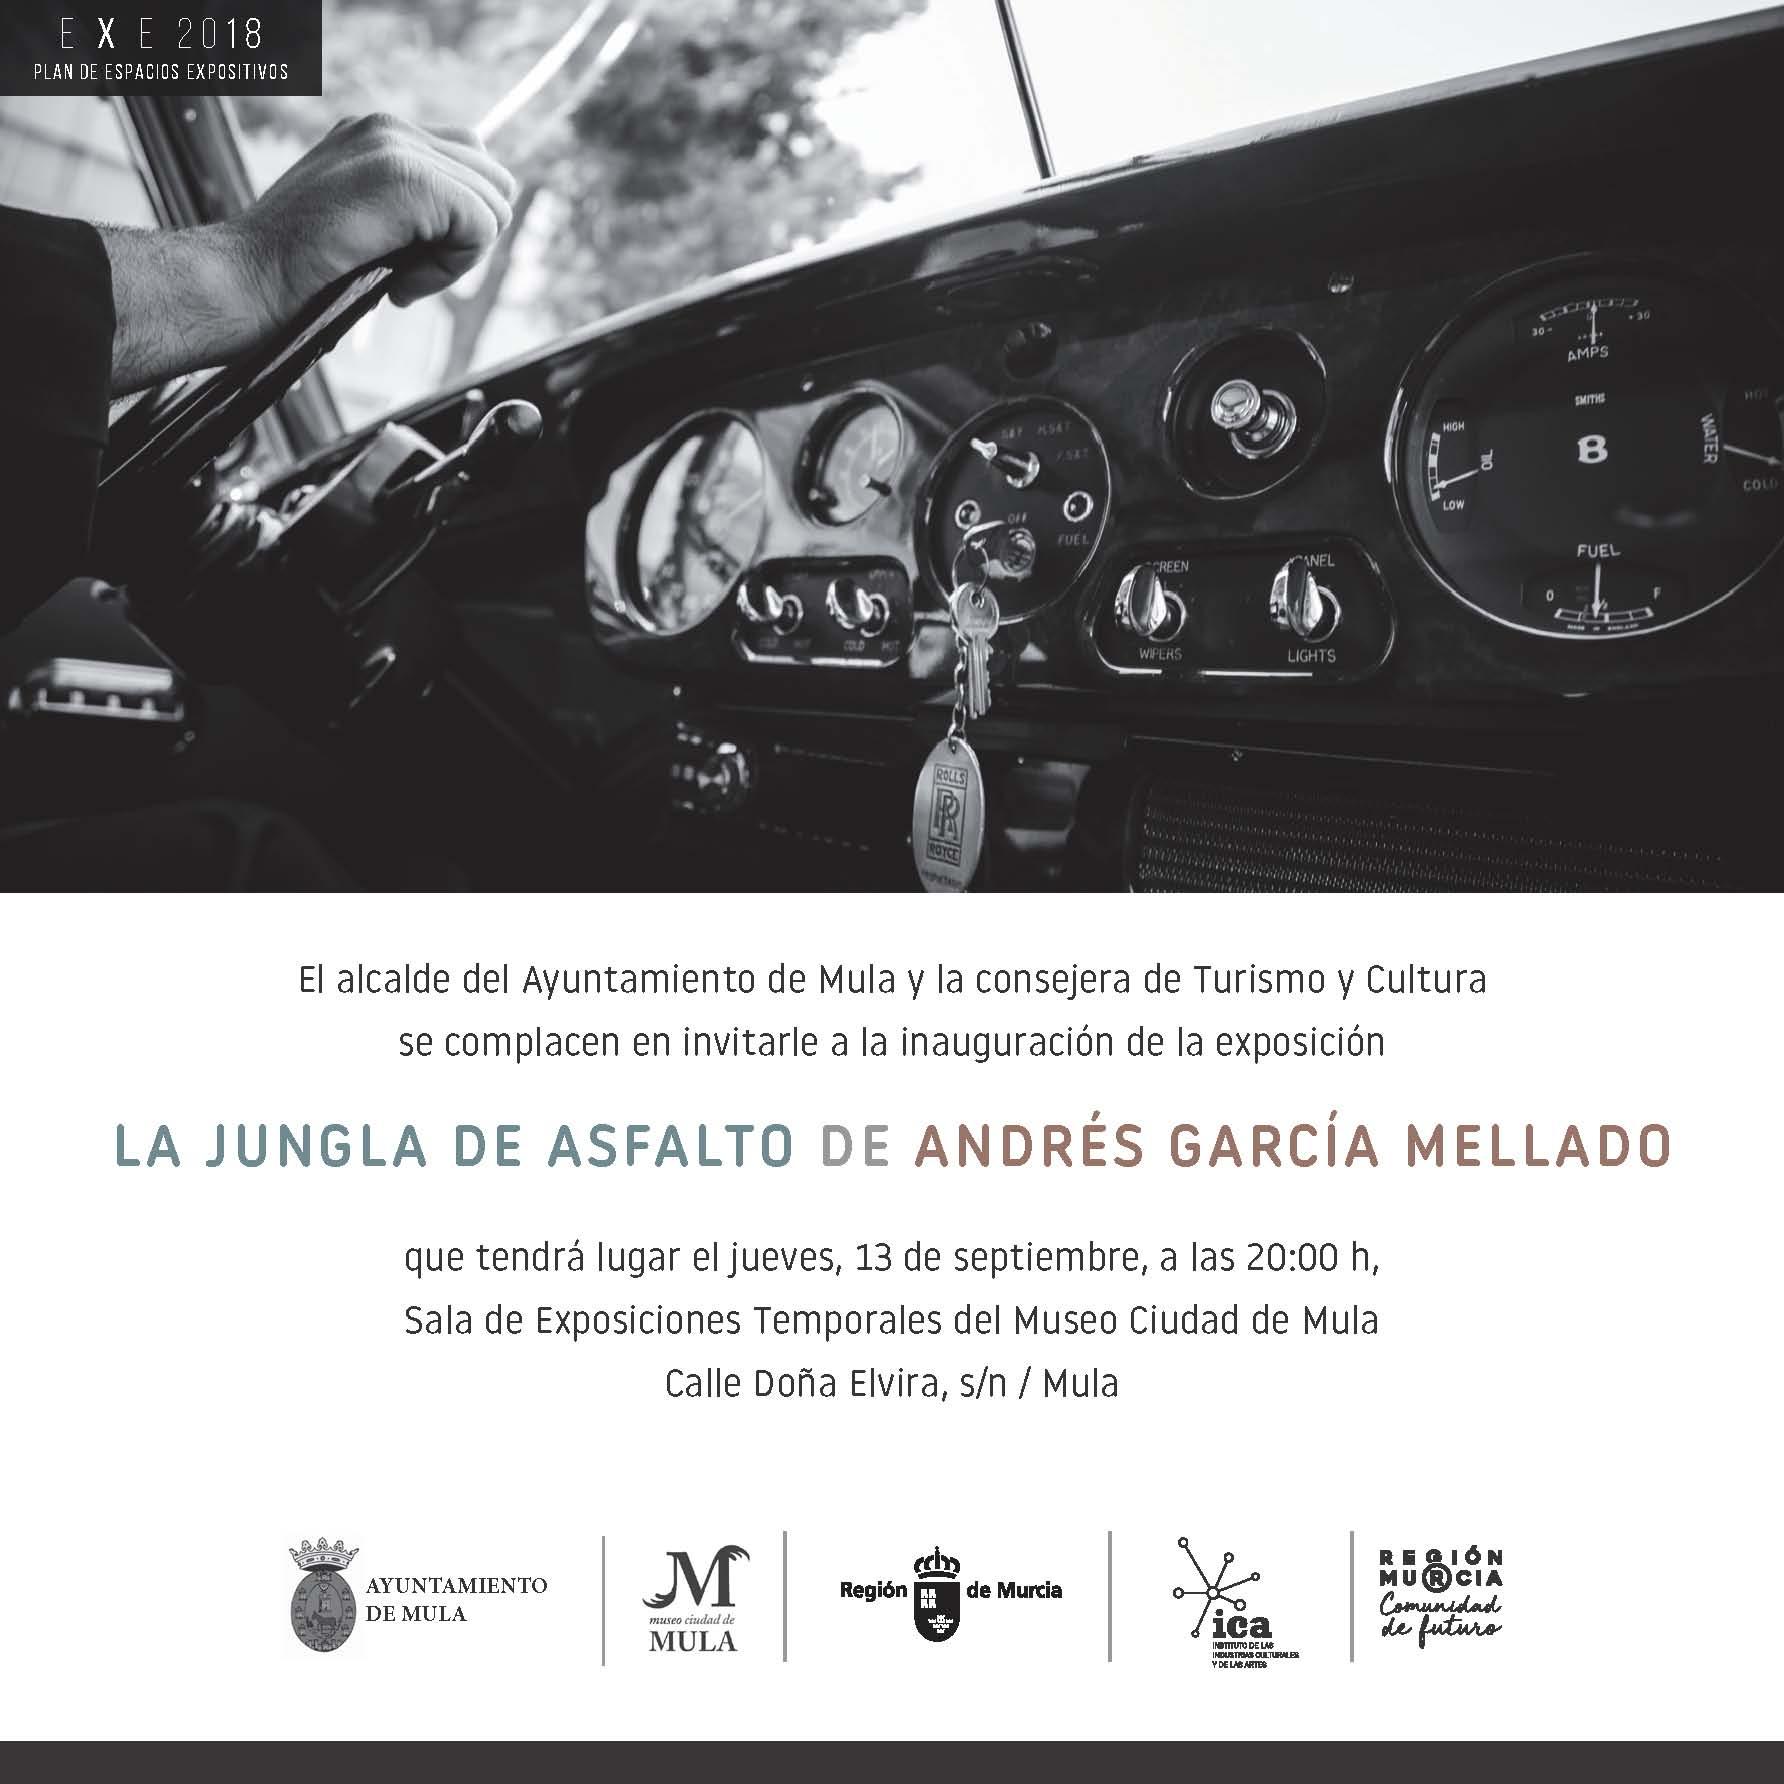 invitación Andrés García Mellado en Mula